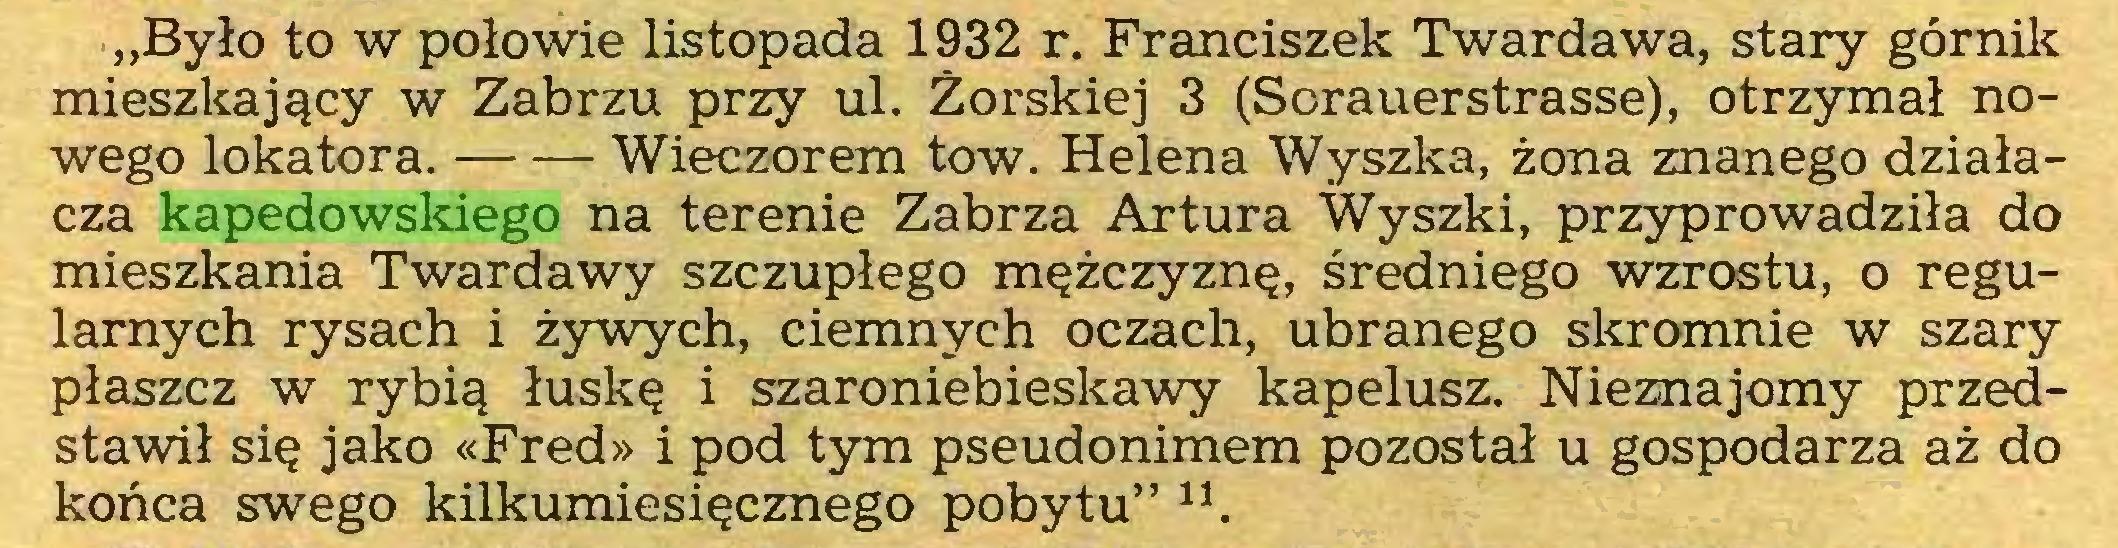 """(...) """"Było to w połowie listopada 1932 r. Franciszek Twardawa, stary górnik mieszkający w Zabrzu przy ul. Żorskiej 3 (Sorauerstrasse), otrzymał nowego lokatora. Wieczorem tow. Helena Wyszka, żona znanego działacza kapedowskiego na terenie Zabrza Artura Wyszki, przyprowadziła do mieszkania Twardawy szczupłego mężczyznę, średniego wzrostu, o regularnych rysach i żywych, ciemnych oczach, ubranego skromnie w szary płaszcz w rybią łuskę i szaroniebieskawy kapelusz. Nieznajomy przedstawił się jako «Fred» i pod tym pseudonimem pozostał u gospodarza aż do końca swego kilkumiesięcznego pobytu"""" 11..."""